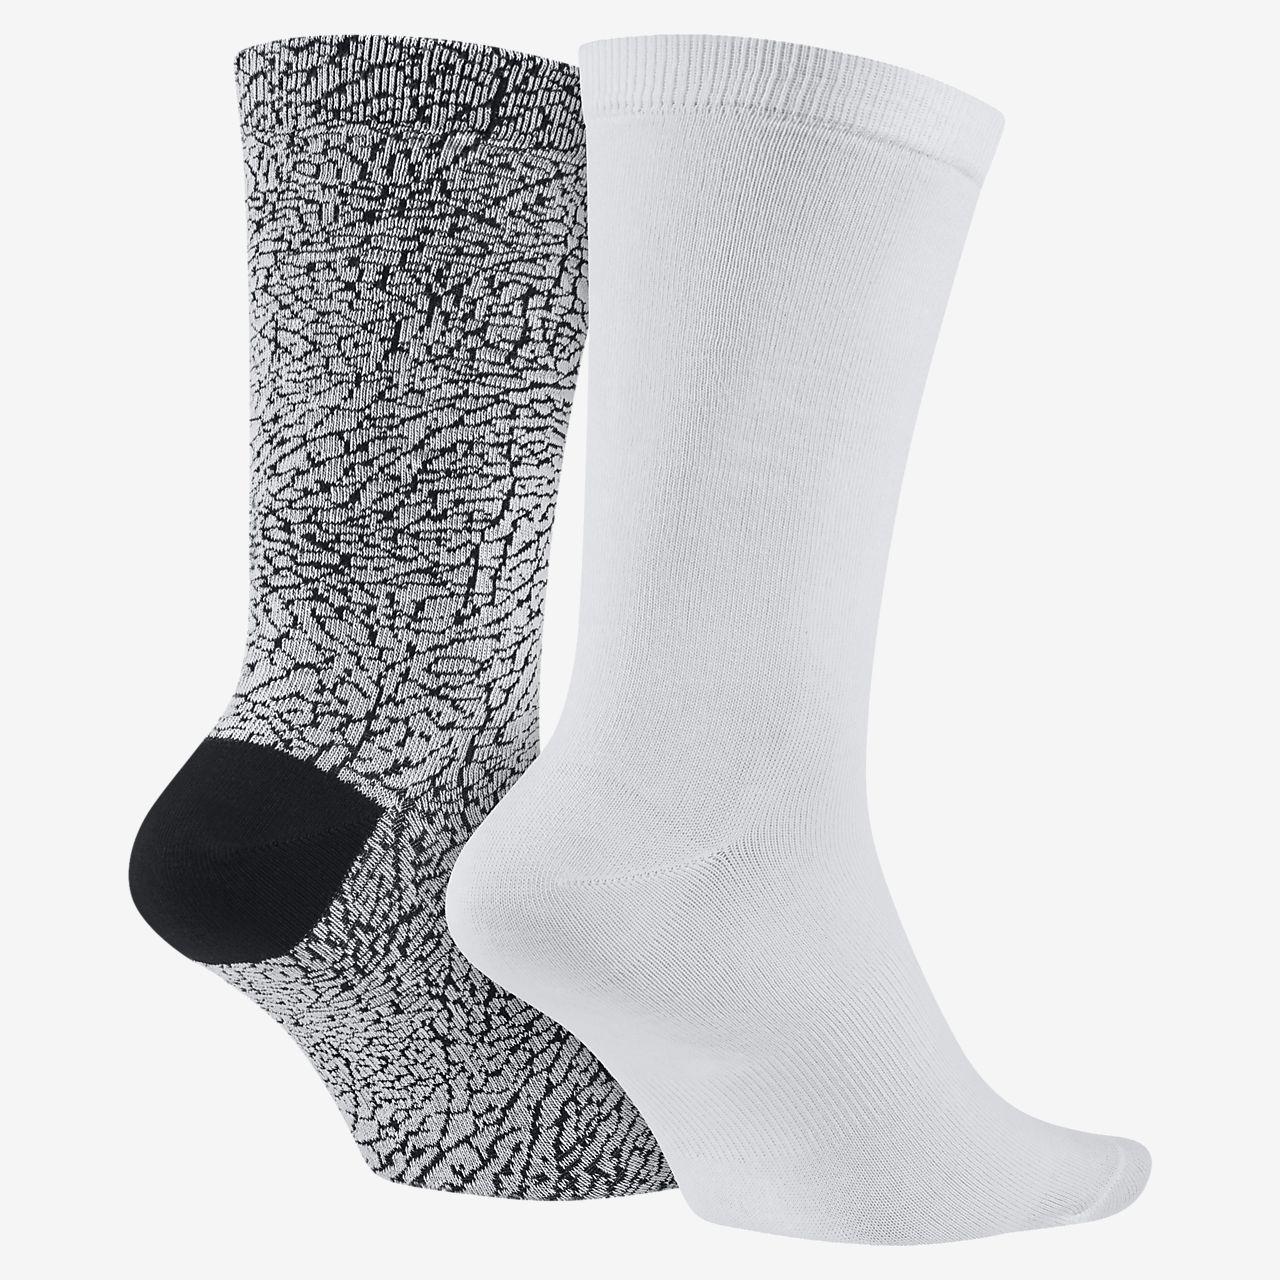 bon marché jeu eastbay Nike Mens Chaussettes De L'équipage Coussin Dri-fit - 3-pack Éléphant jeu images footlocker gros pas cher bNQX4P